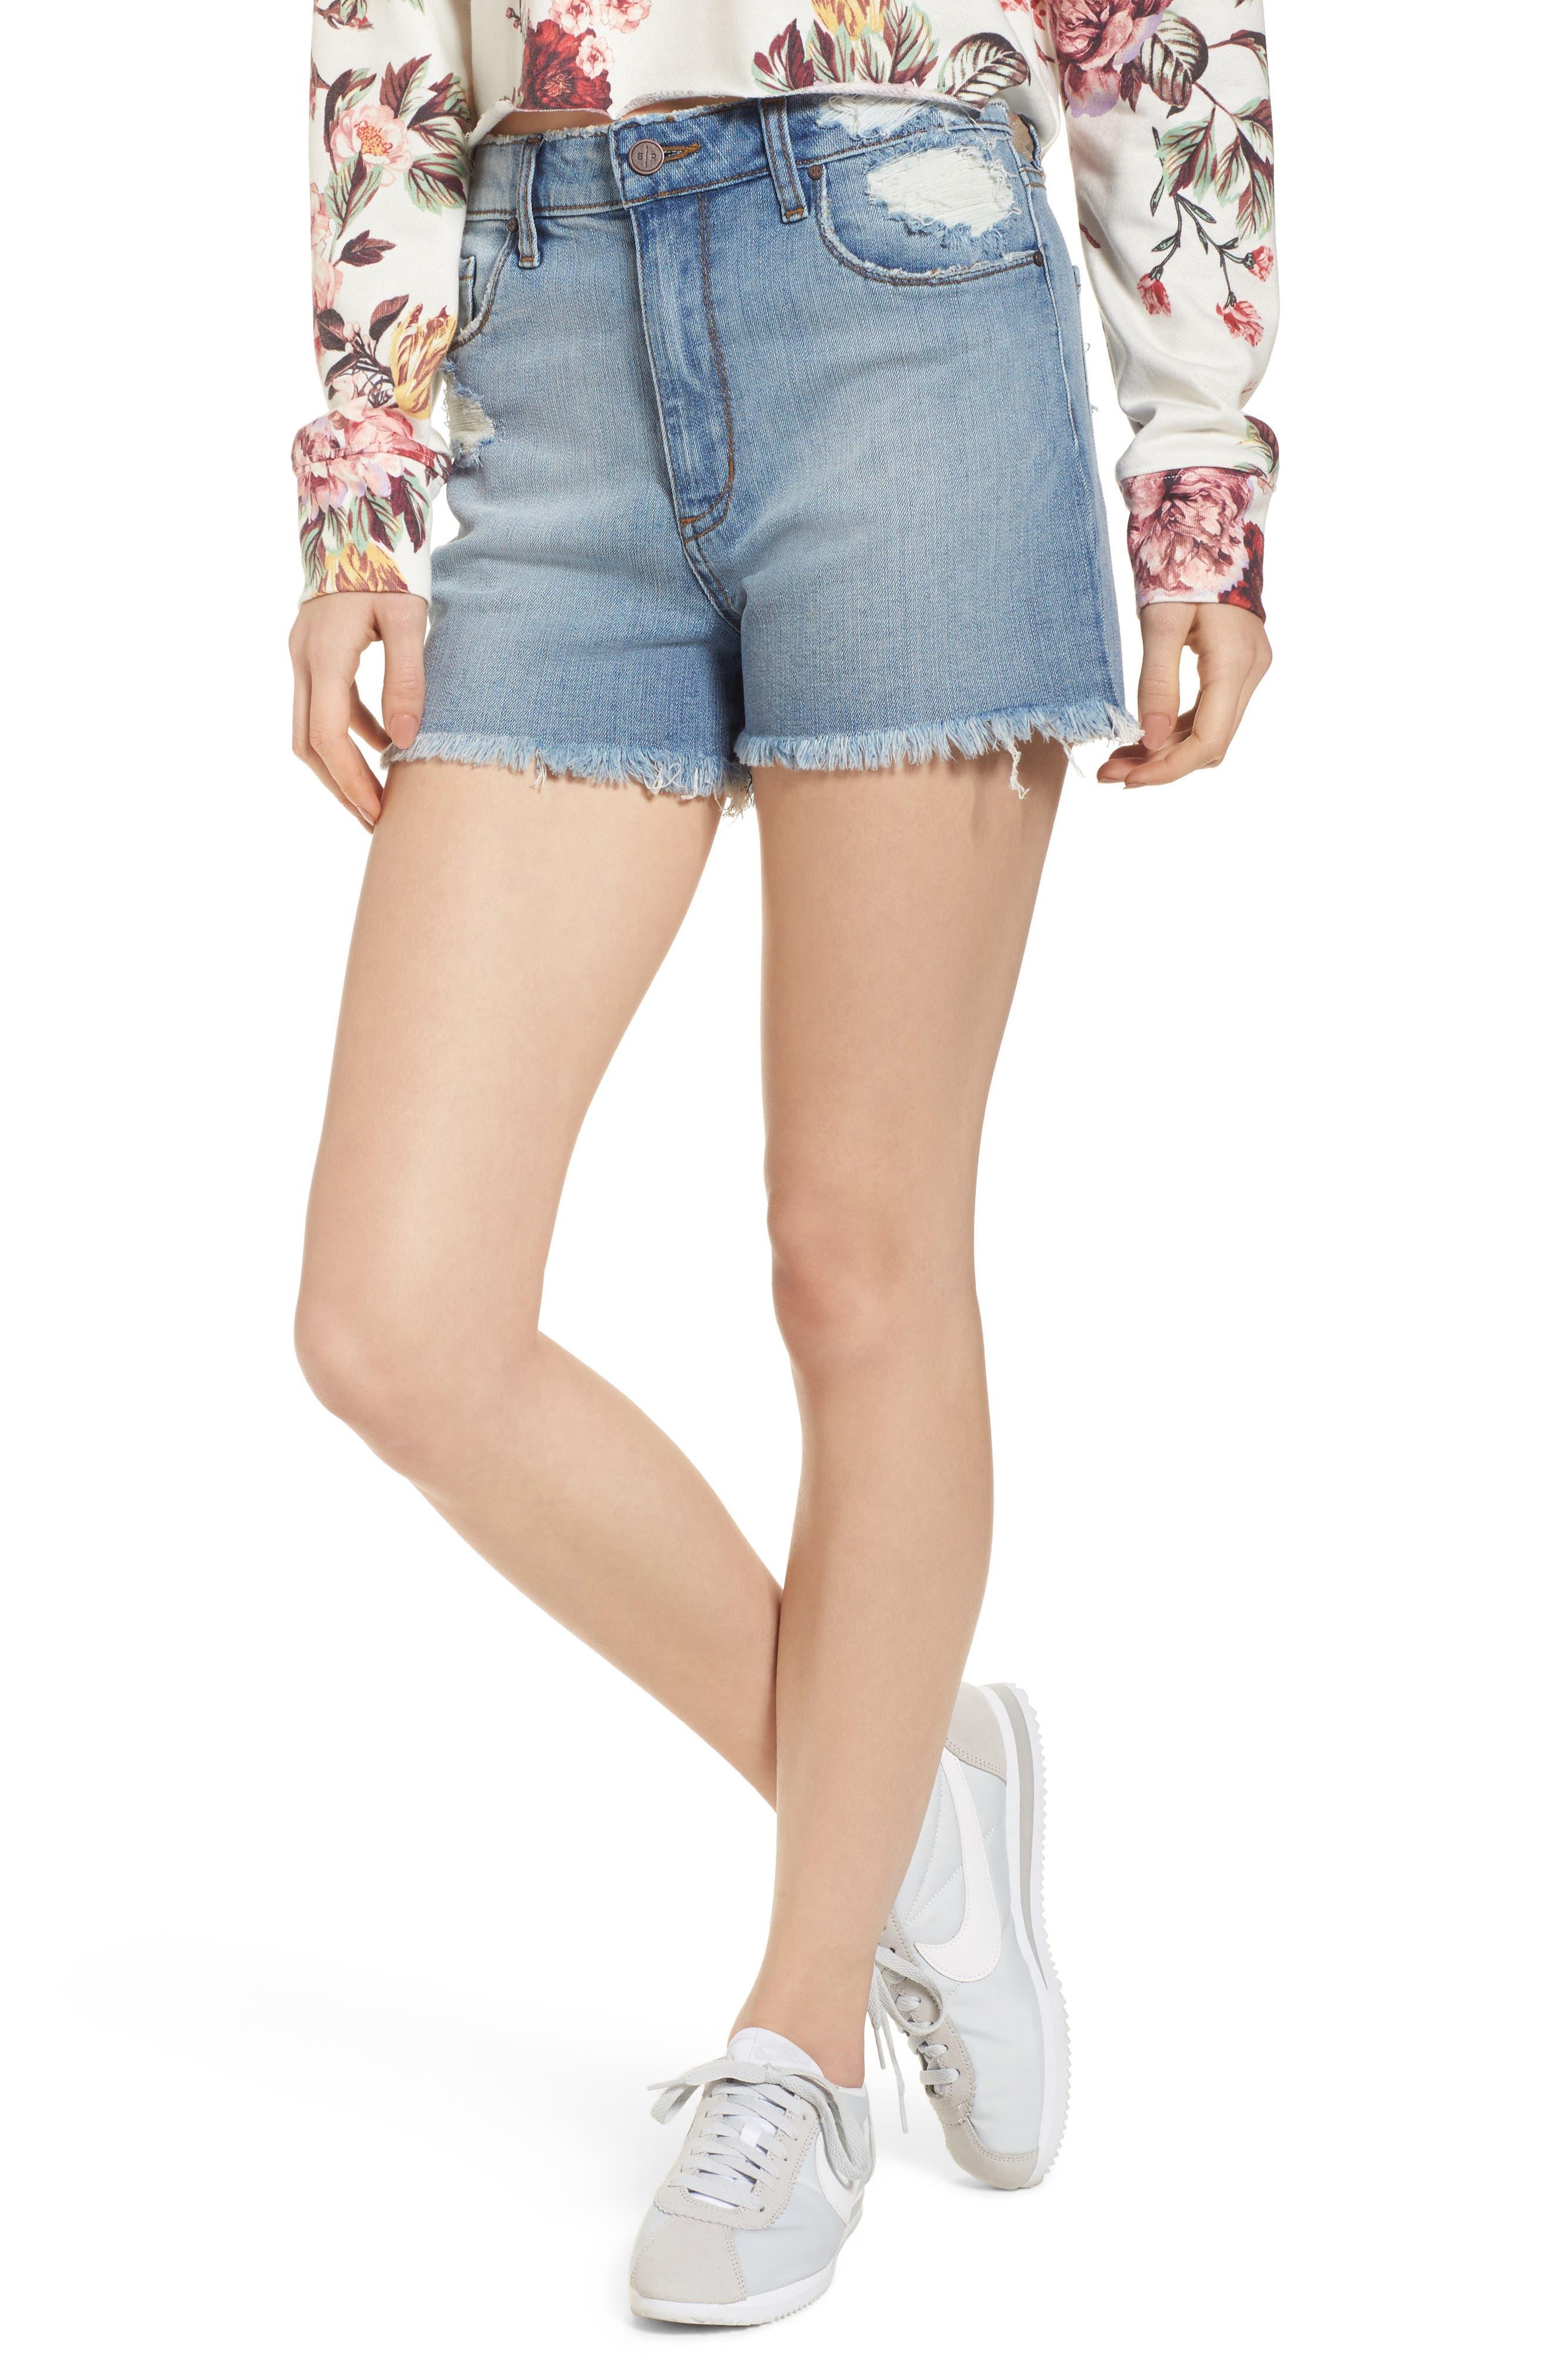 Main Image - BP. High Waist Distressed Denim Shorts